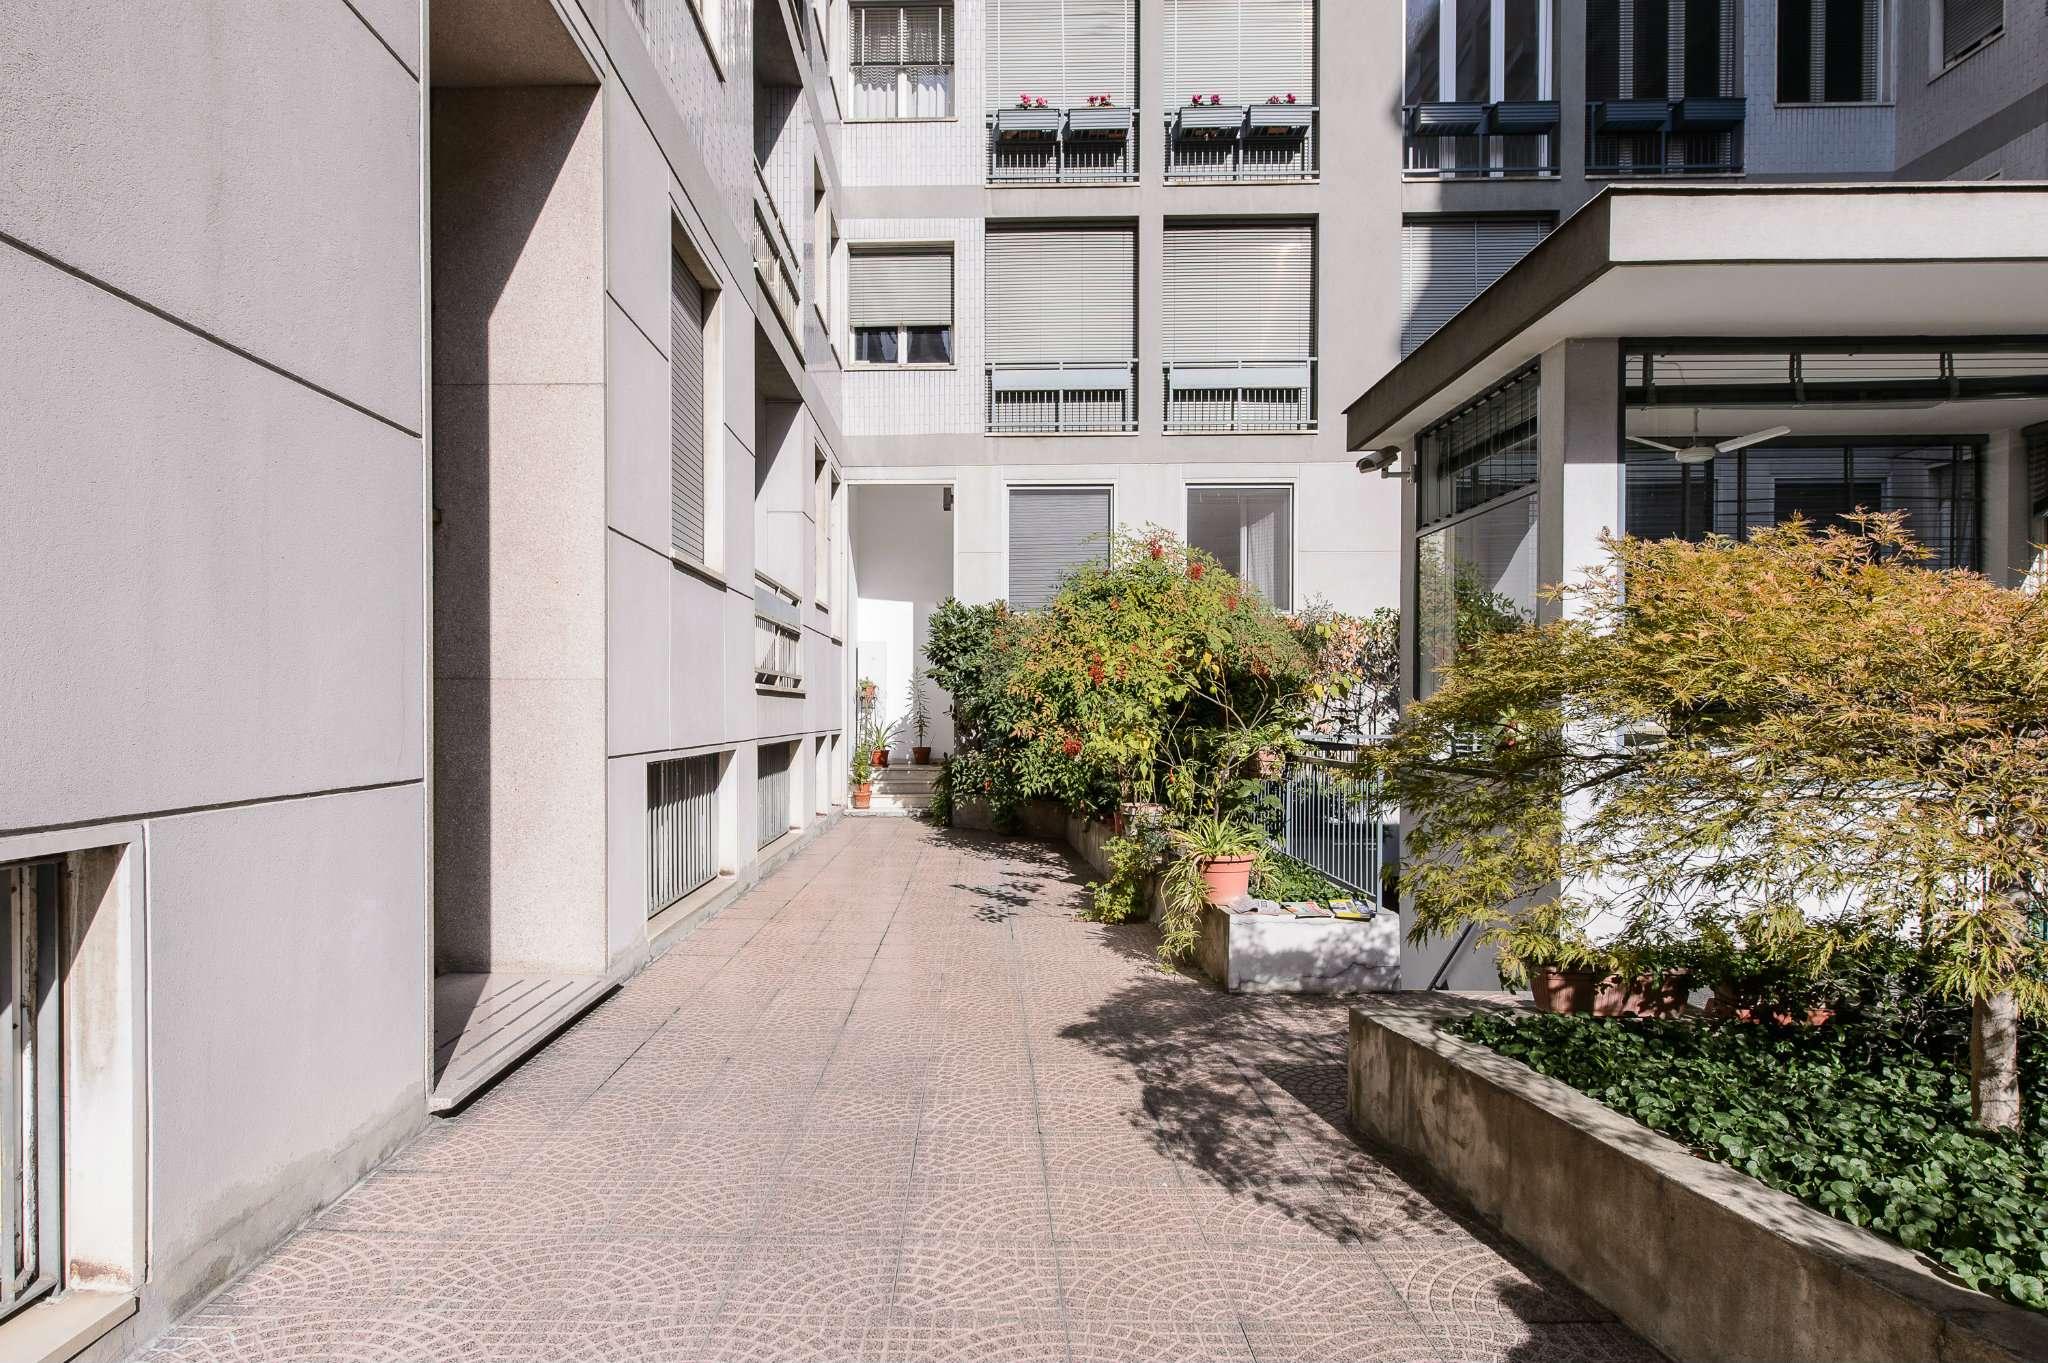 Appartamento in Vendita a Milano 11 Loreto / Piola / Lima: 2 locali, 45 mq